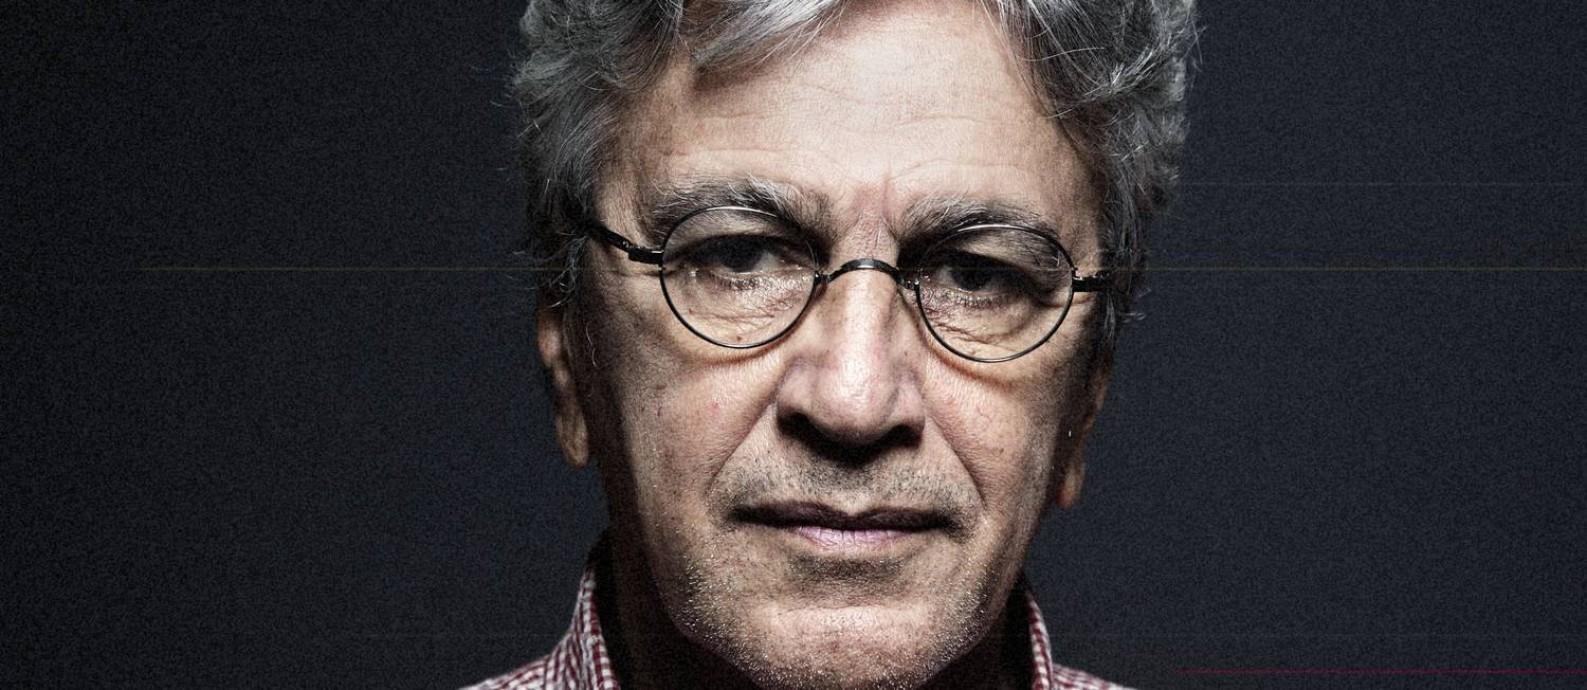 Cantor e compositor Caetano Veloso preparou artigo sobre o fim do MinC Foto: Leo Aversa